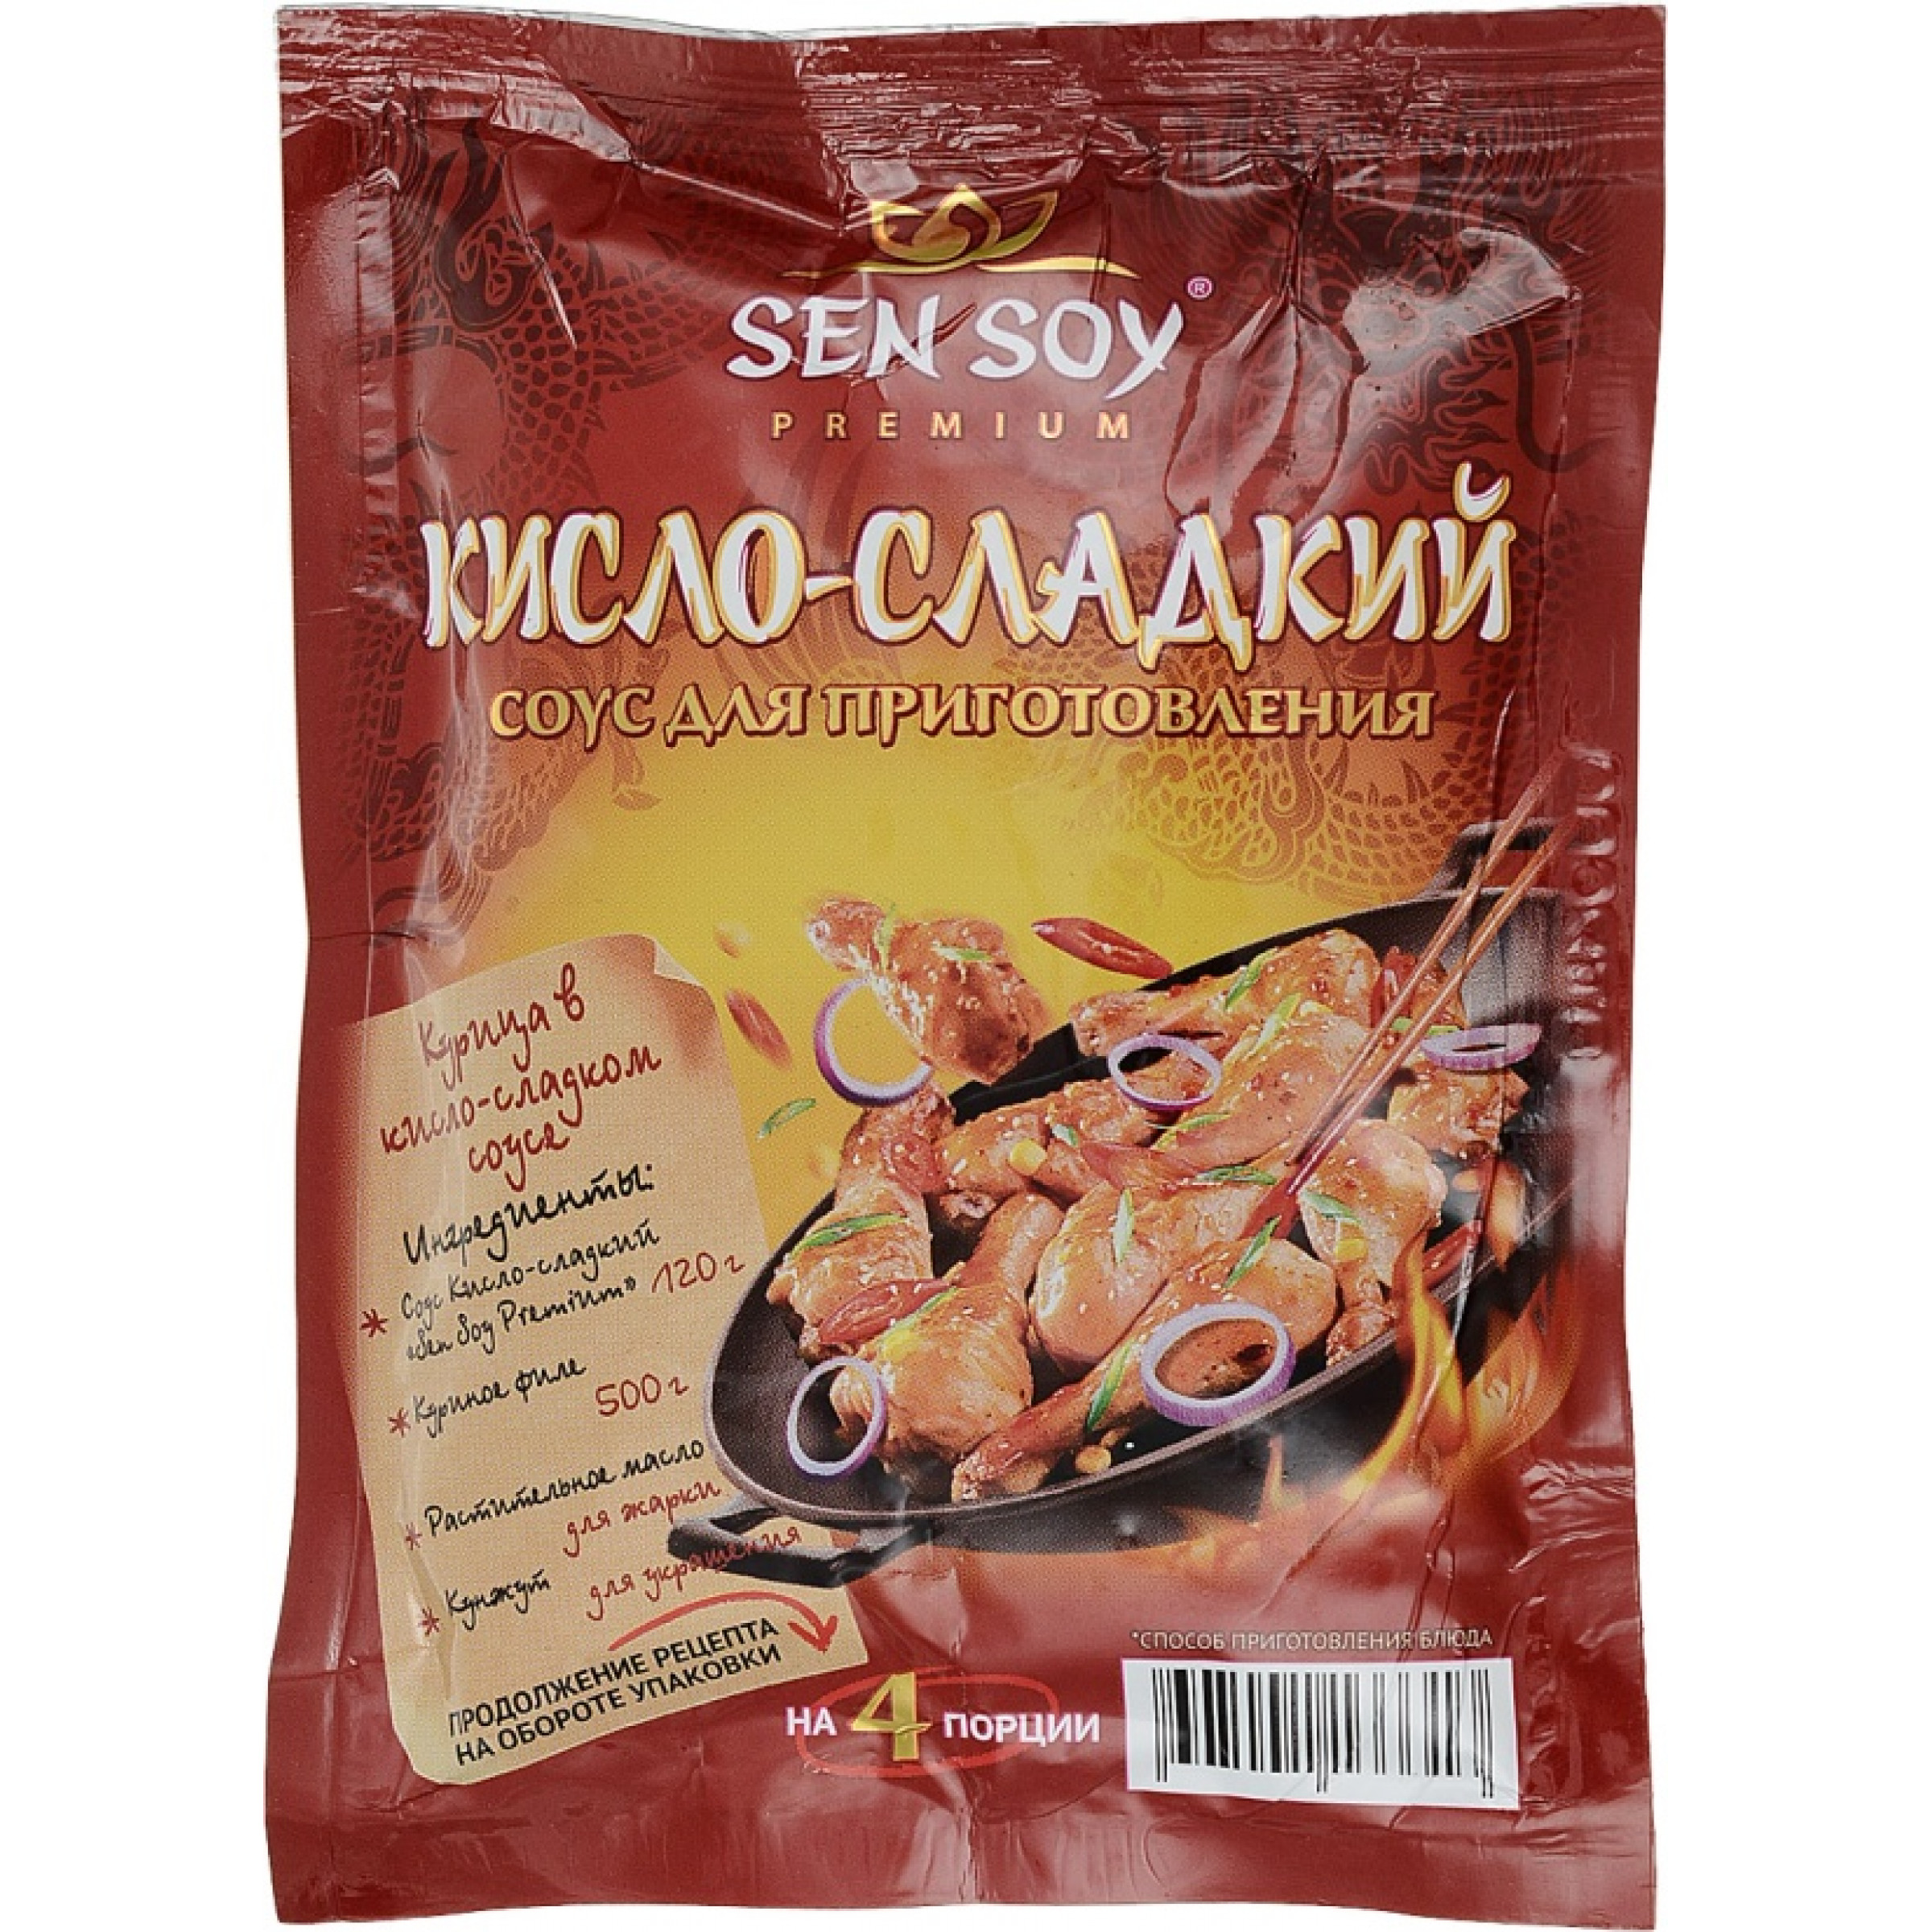 """Соус для приготовления кисло-сладкий """"Sen Soy"""", 120 г"""